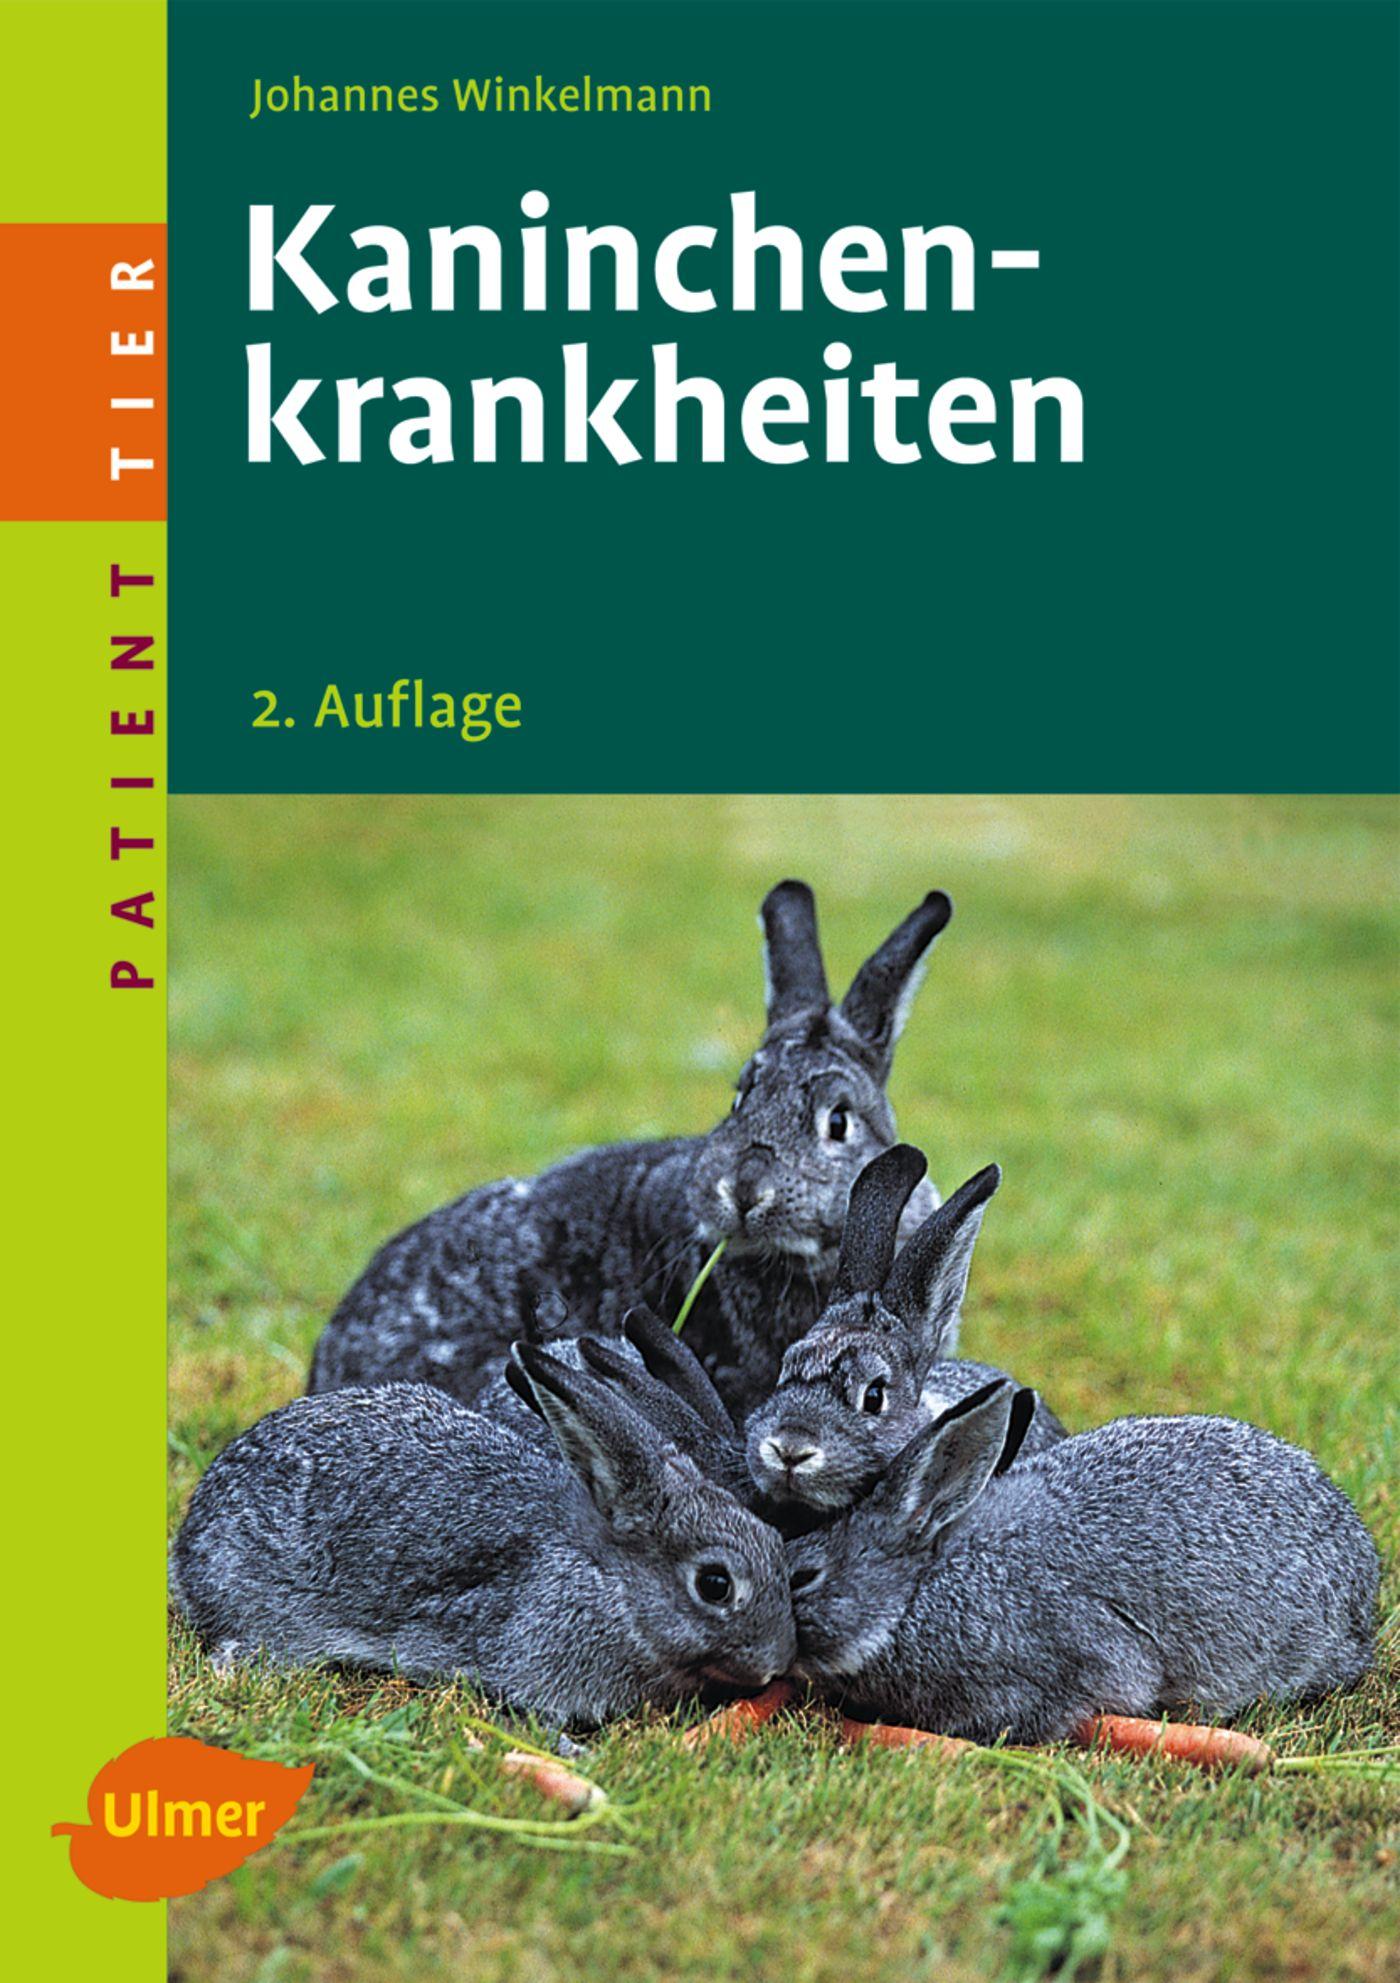 Kaninchenkrankheiten - Johannes Winkelmann